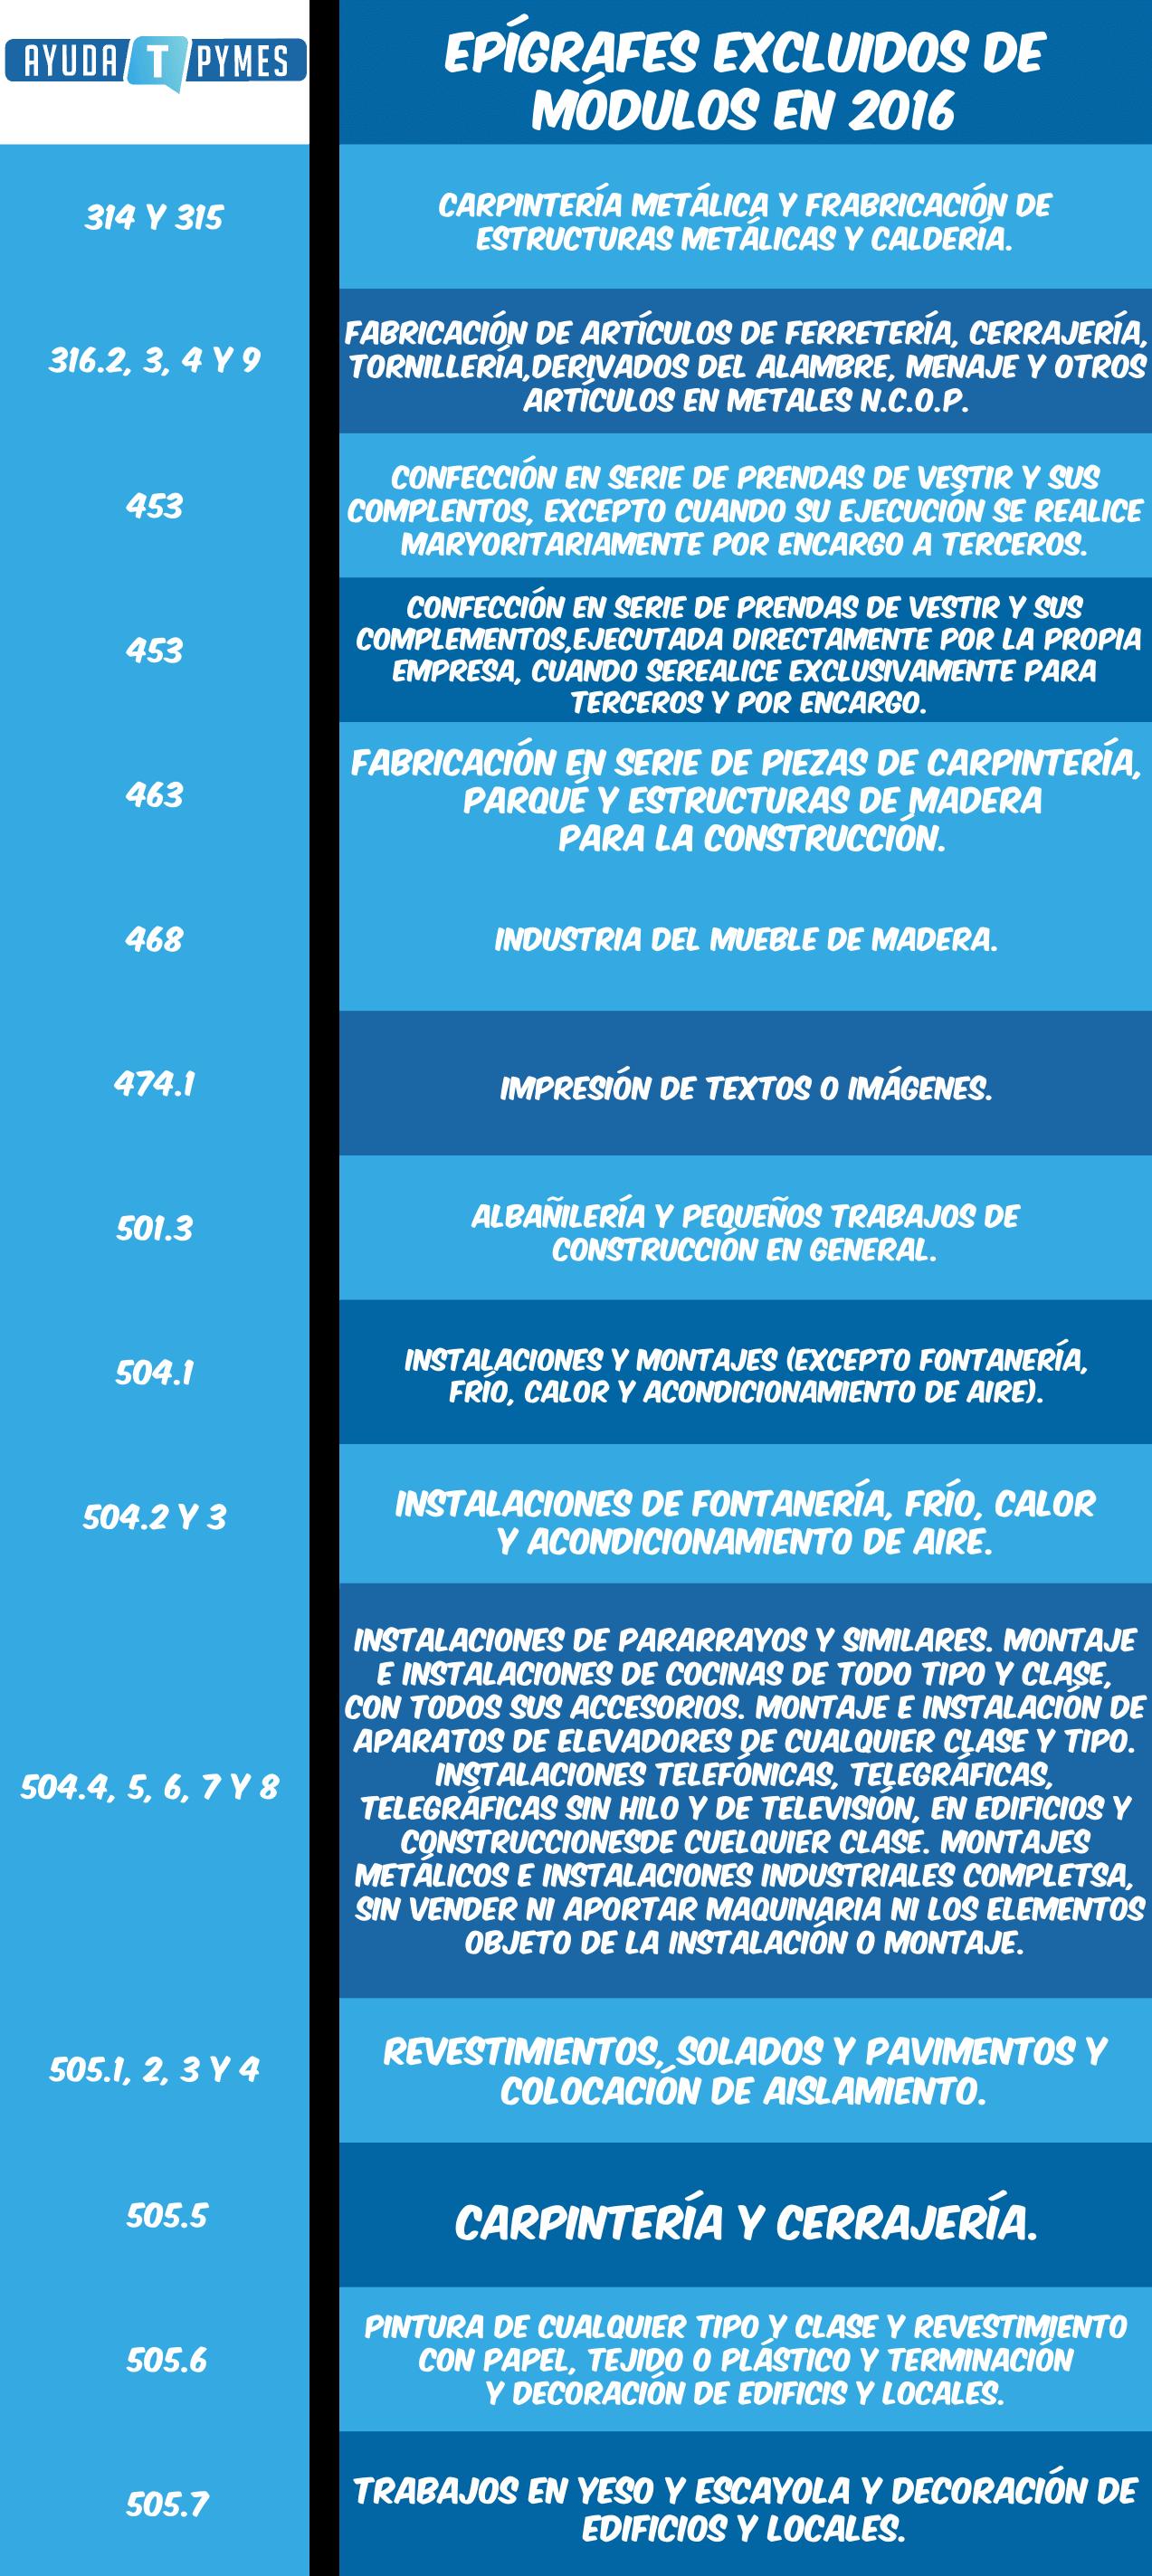 modulos-excluidos-2016-3